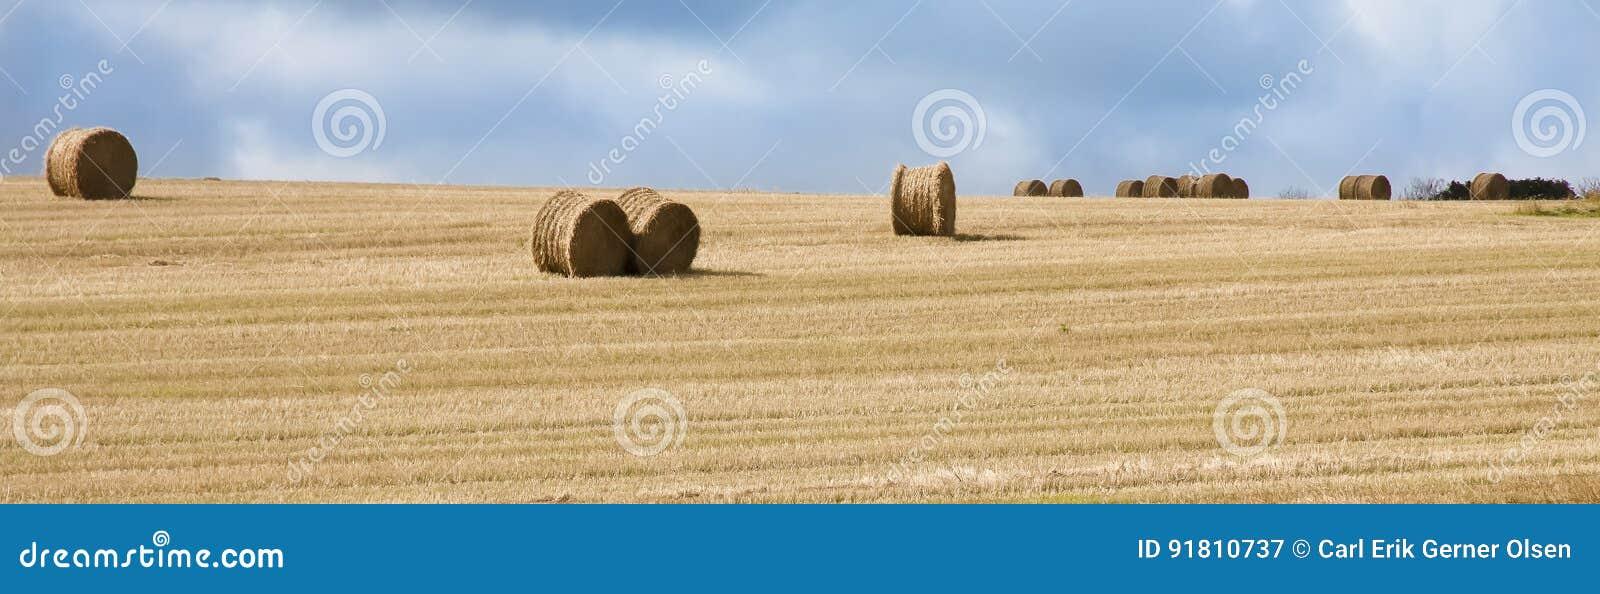 Связки сена на золотом поле